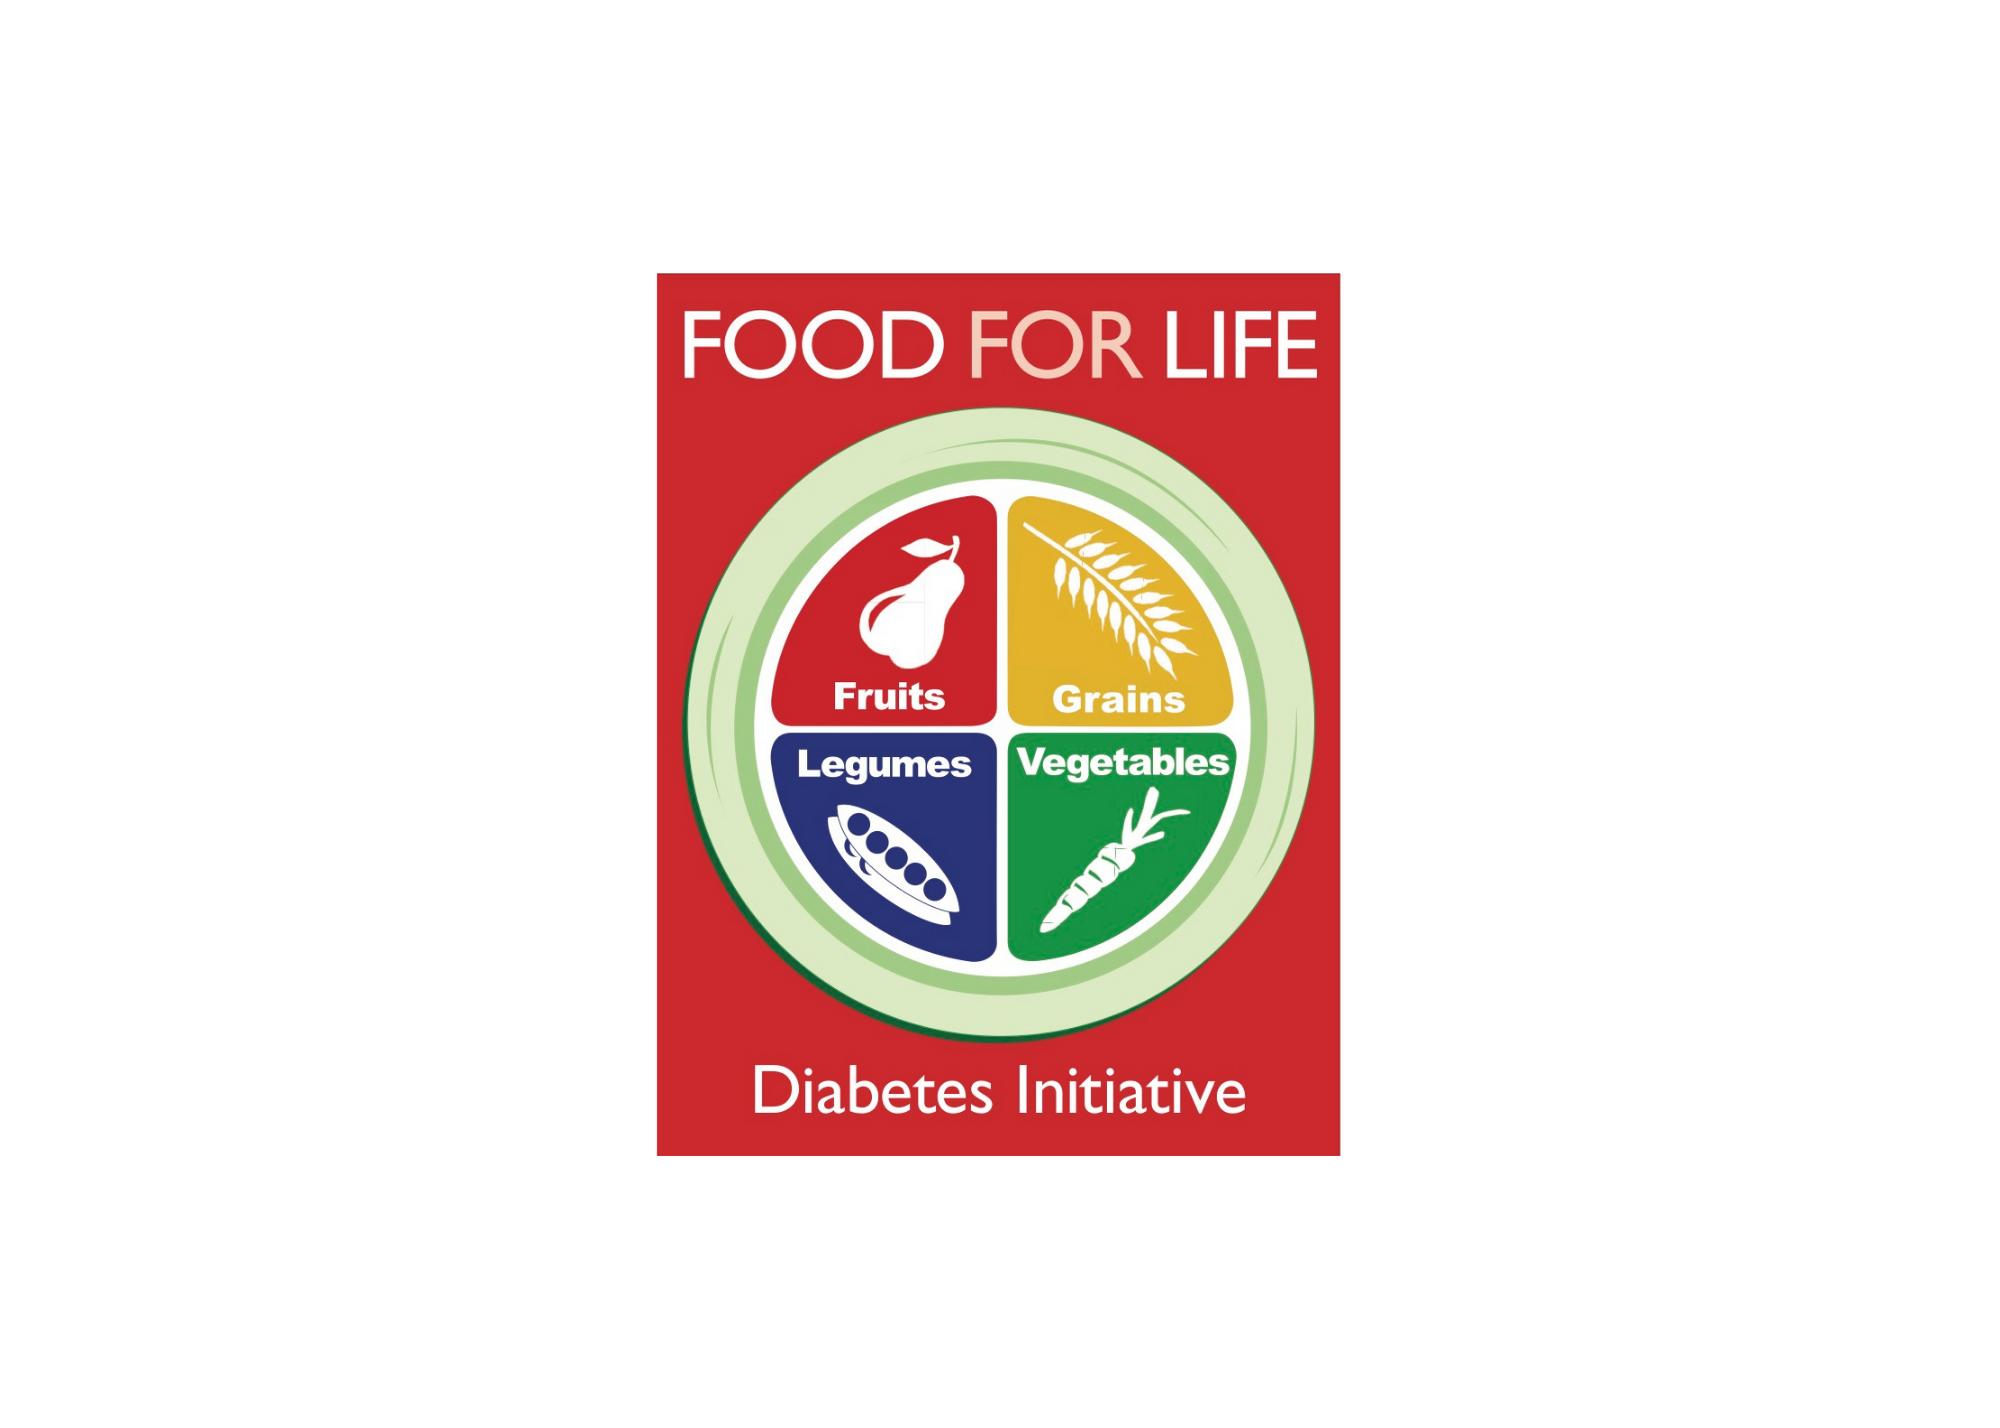 Diabetes Initative